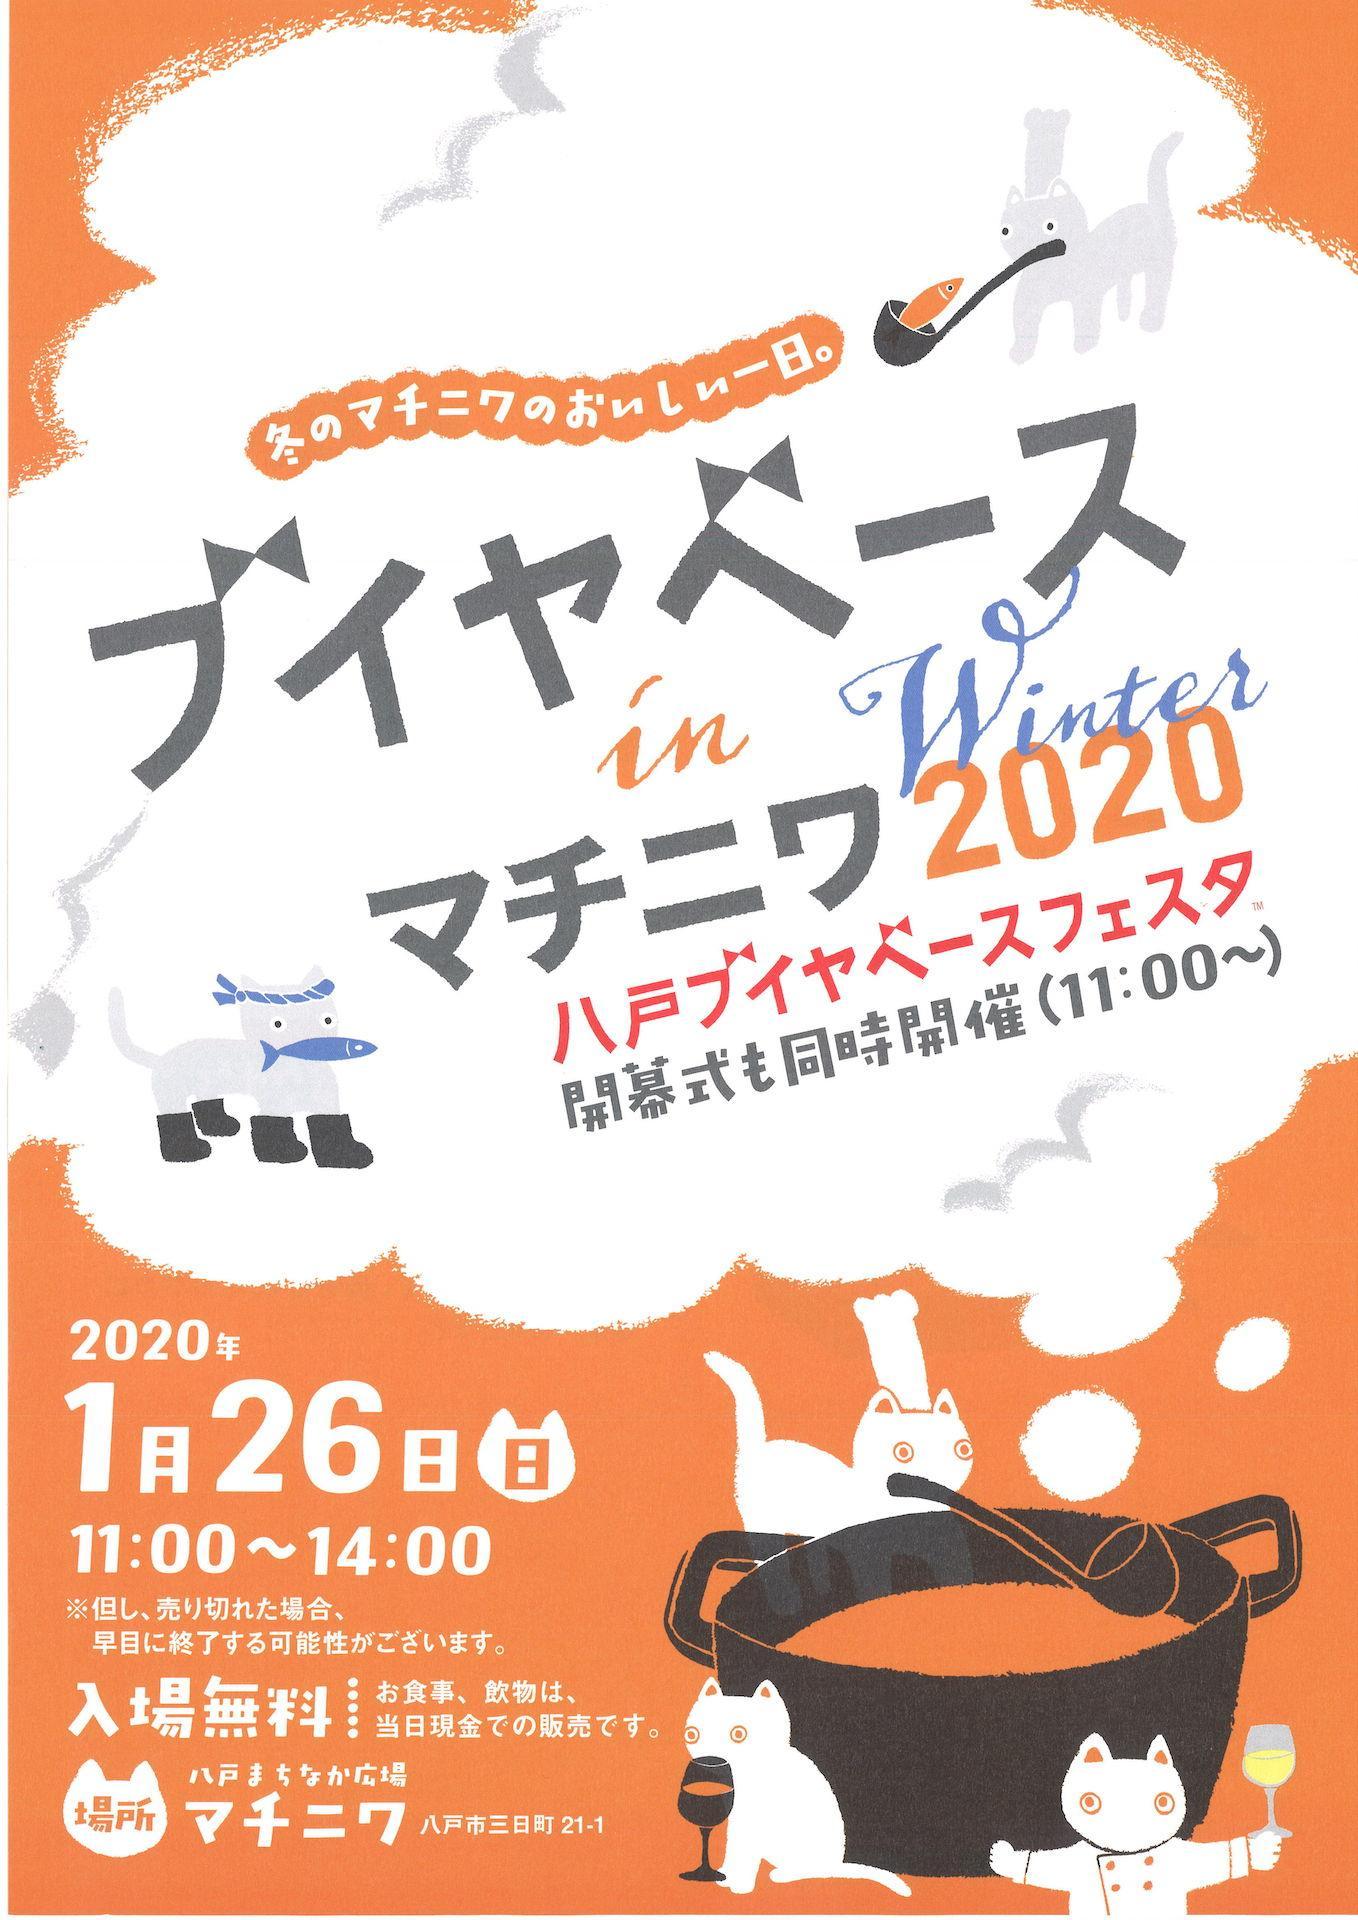 20200107120023_00001.jpg